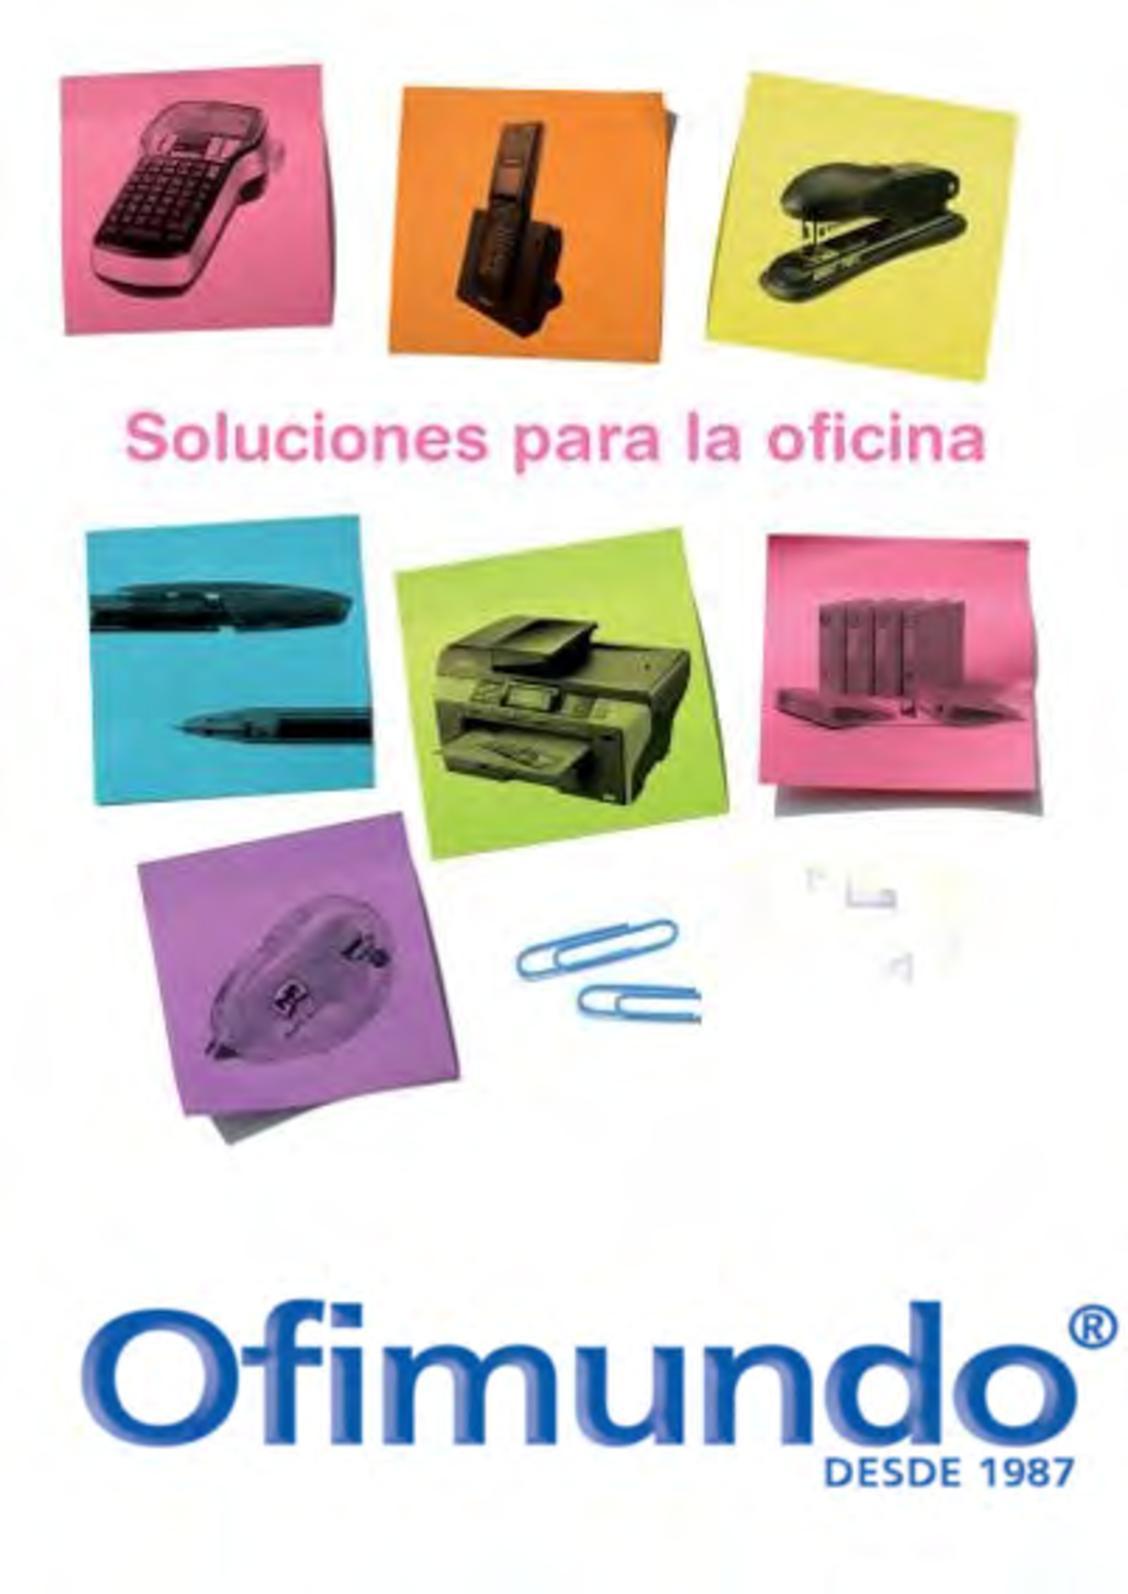 9b1f7f8b0392 Calaméo - Ofimundo Catálogo General